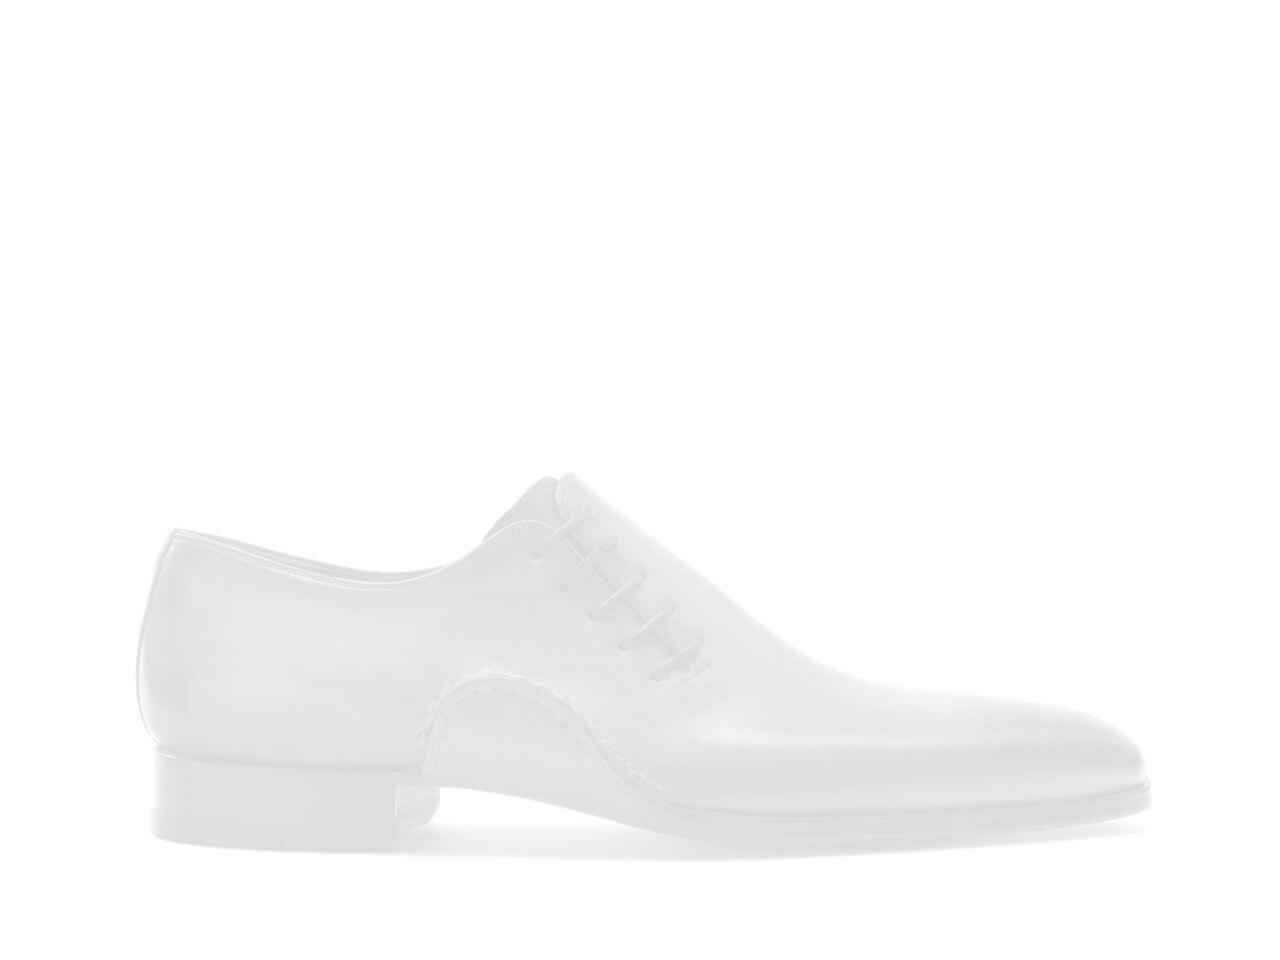 Side view of the Magnanni Mason Cognac Men's Single Monk Strap Shoes